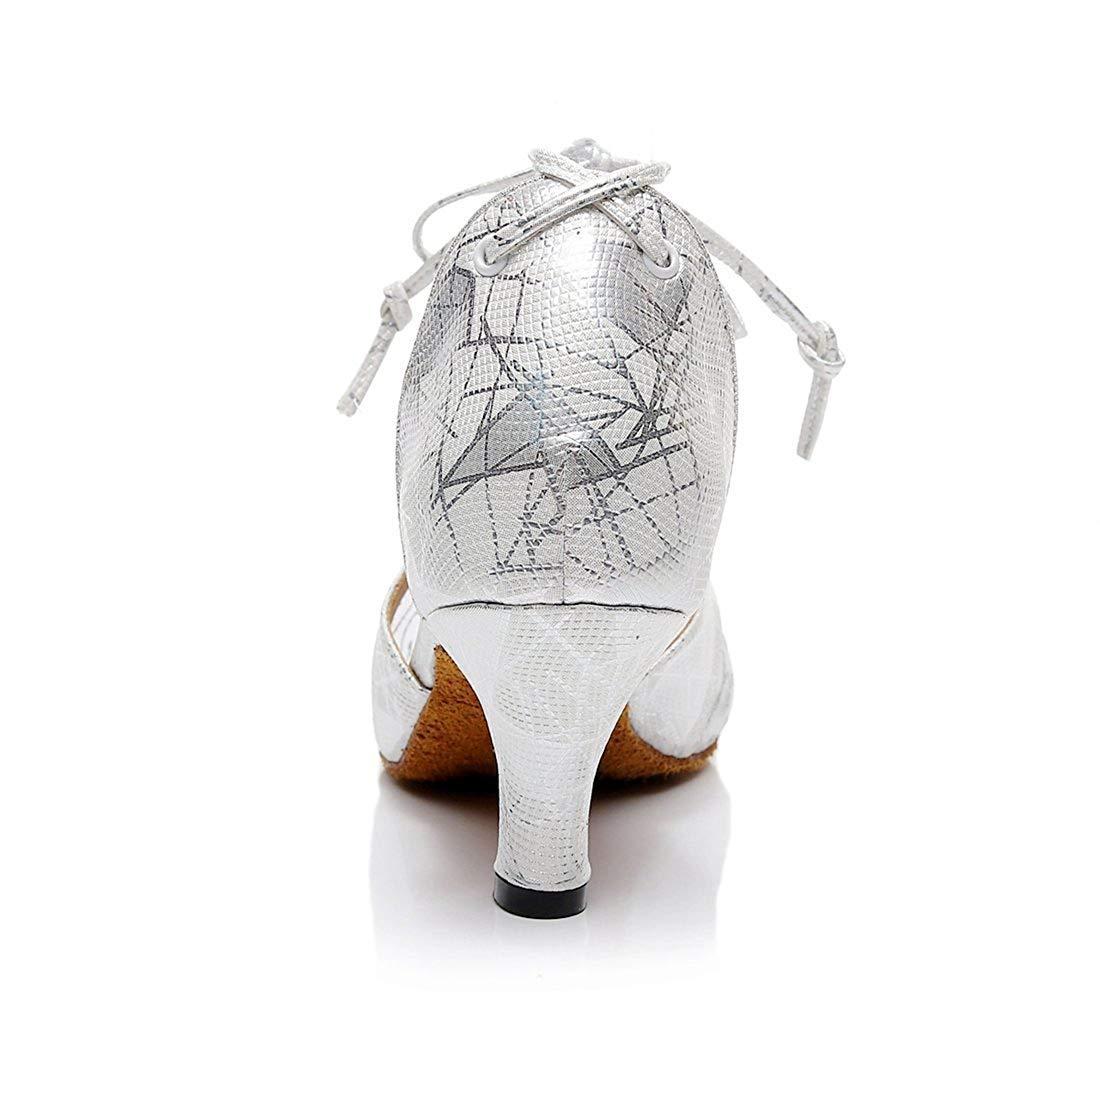 Qiusa Damen Damen Damen Floral gedruckt Silber Mesh Mandel Toe Latin Tanzschuhe Hochzeit Pumps UK 3 (Farbe   - Größe   -) 85e918